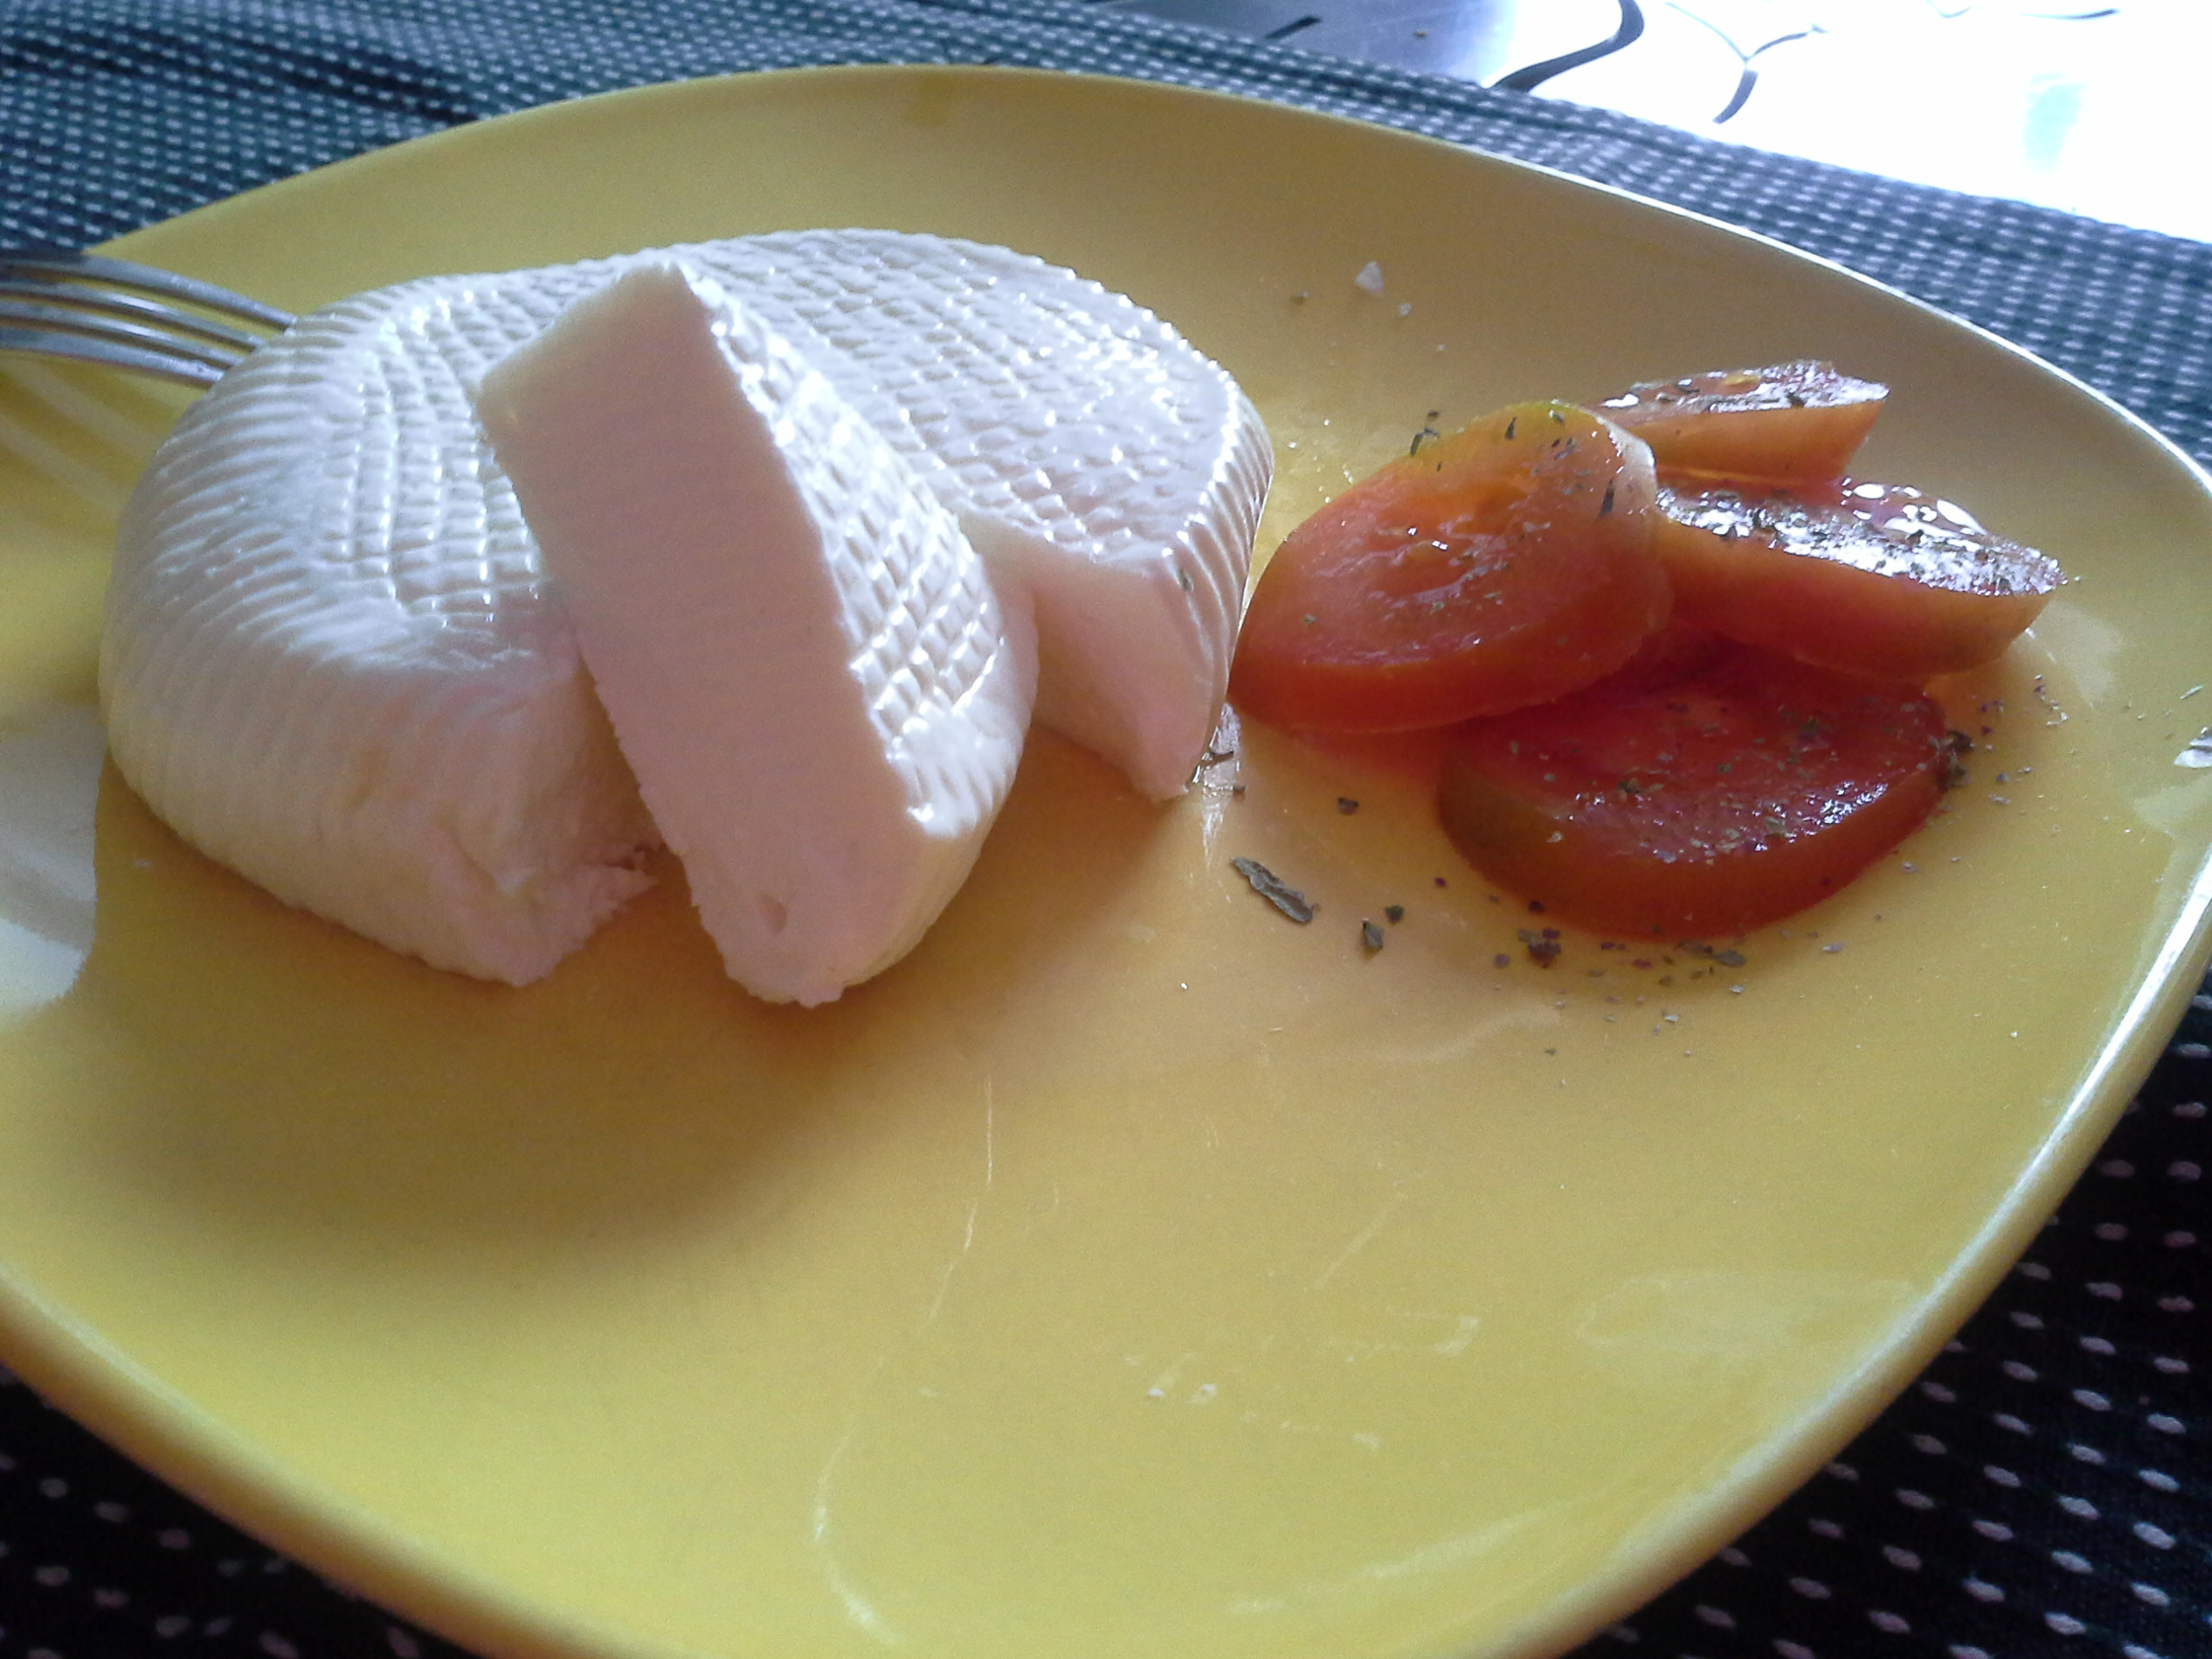 Crescenza fai da me formaggio fatto in casa - Sonicatore cucina a cosa serve ...